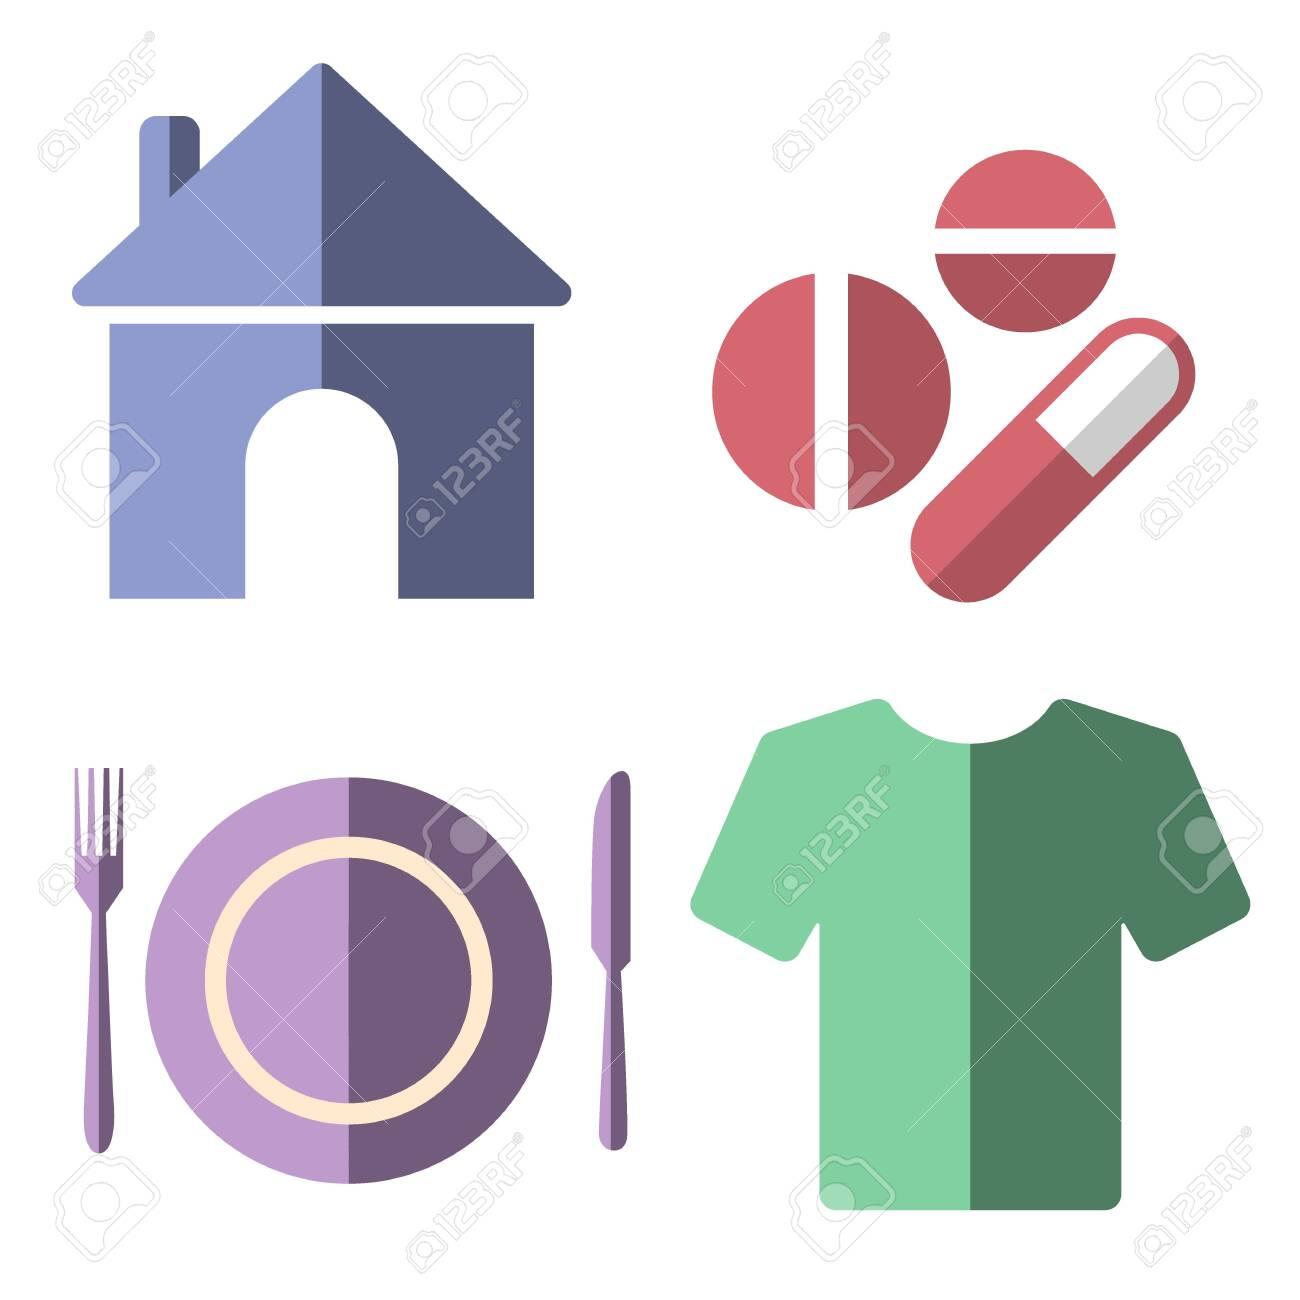 4 basic human needs flat icon set - 149435762